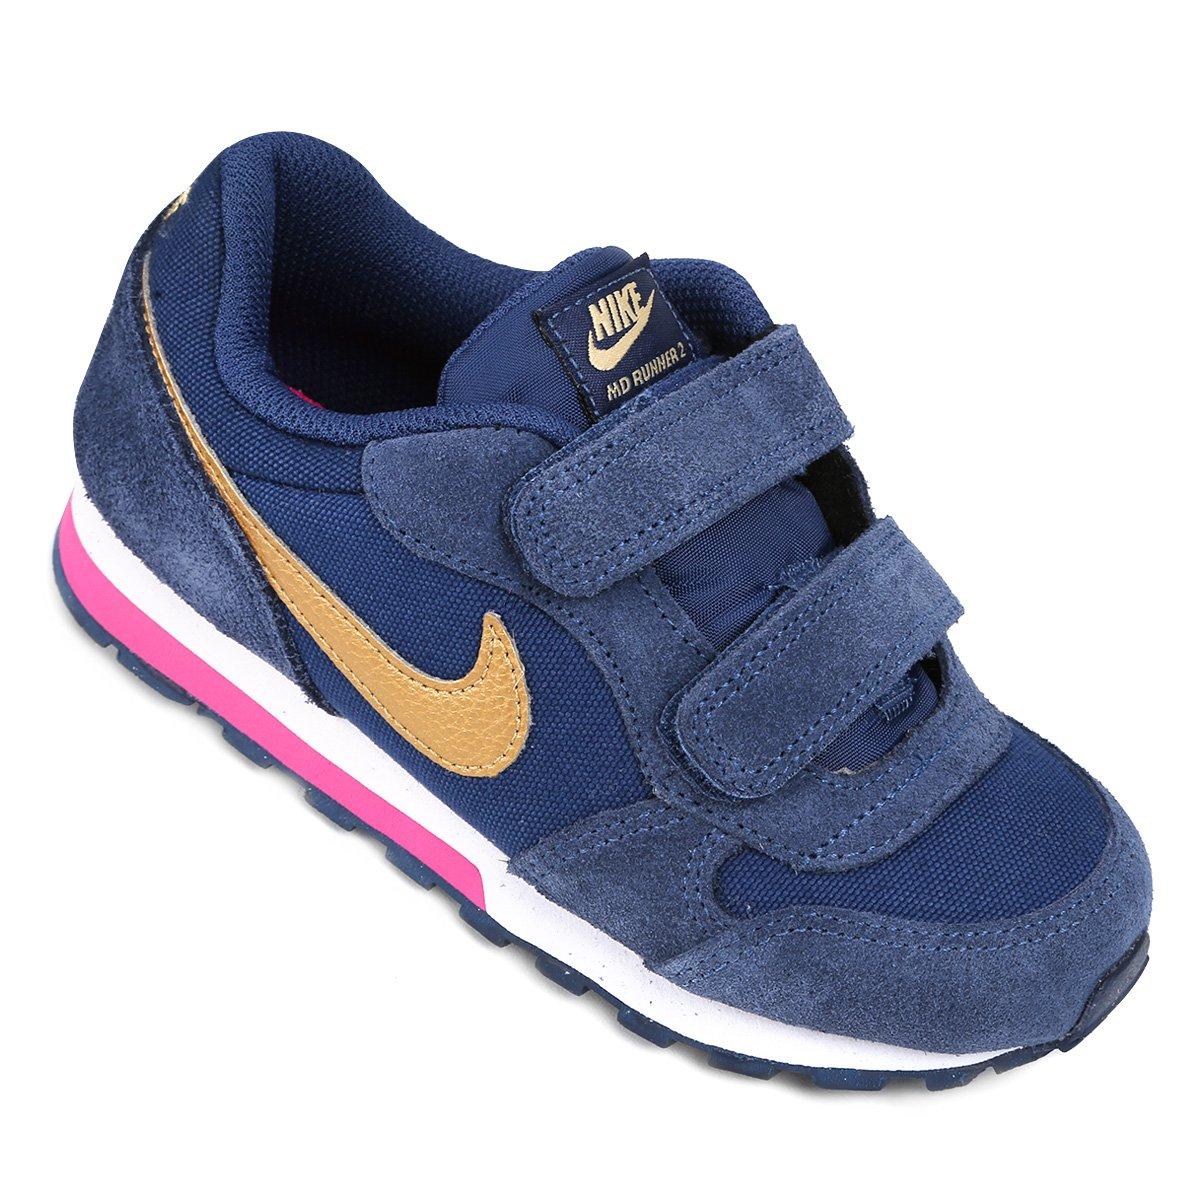 292bd0fb15635 Tênis Infantil Nike Md Runner 2 Feminino - Marinho e Pink - Compre Agora